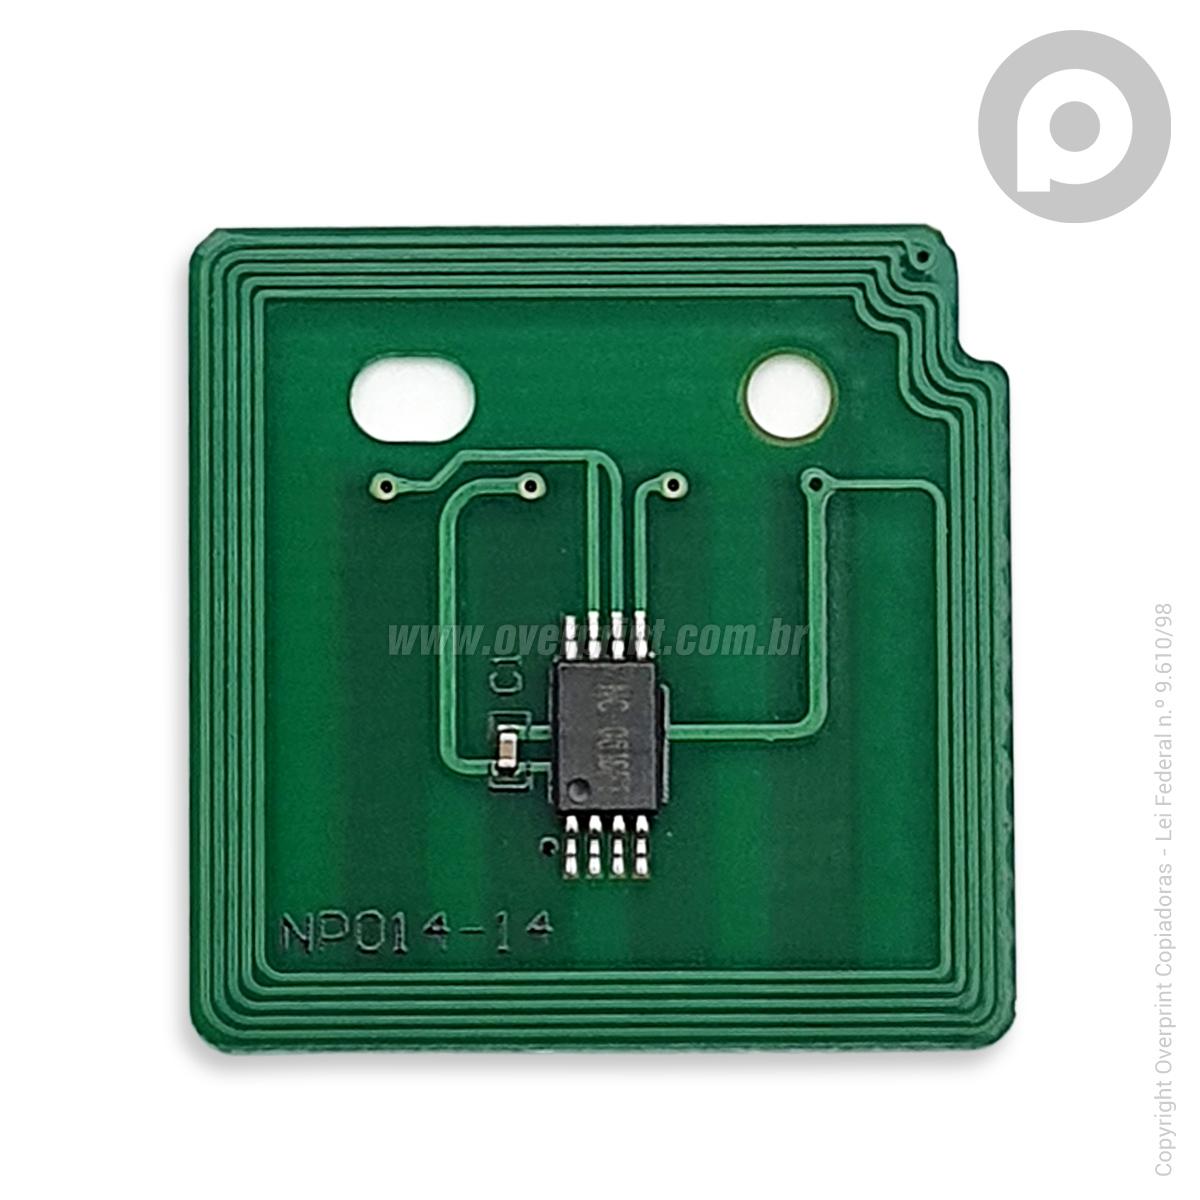 Chip Cillindro Xerox Altalink C8030 /C8035 /C8045 /C8055 /C8070  - Overprint